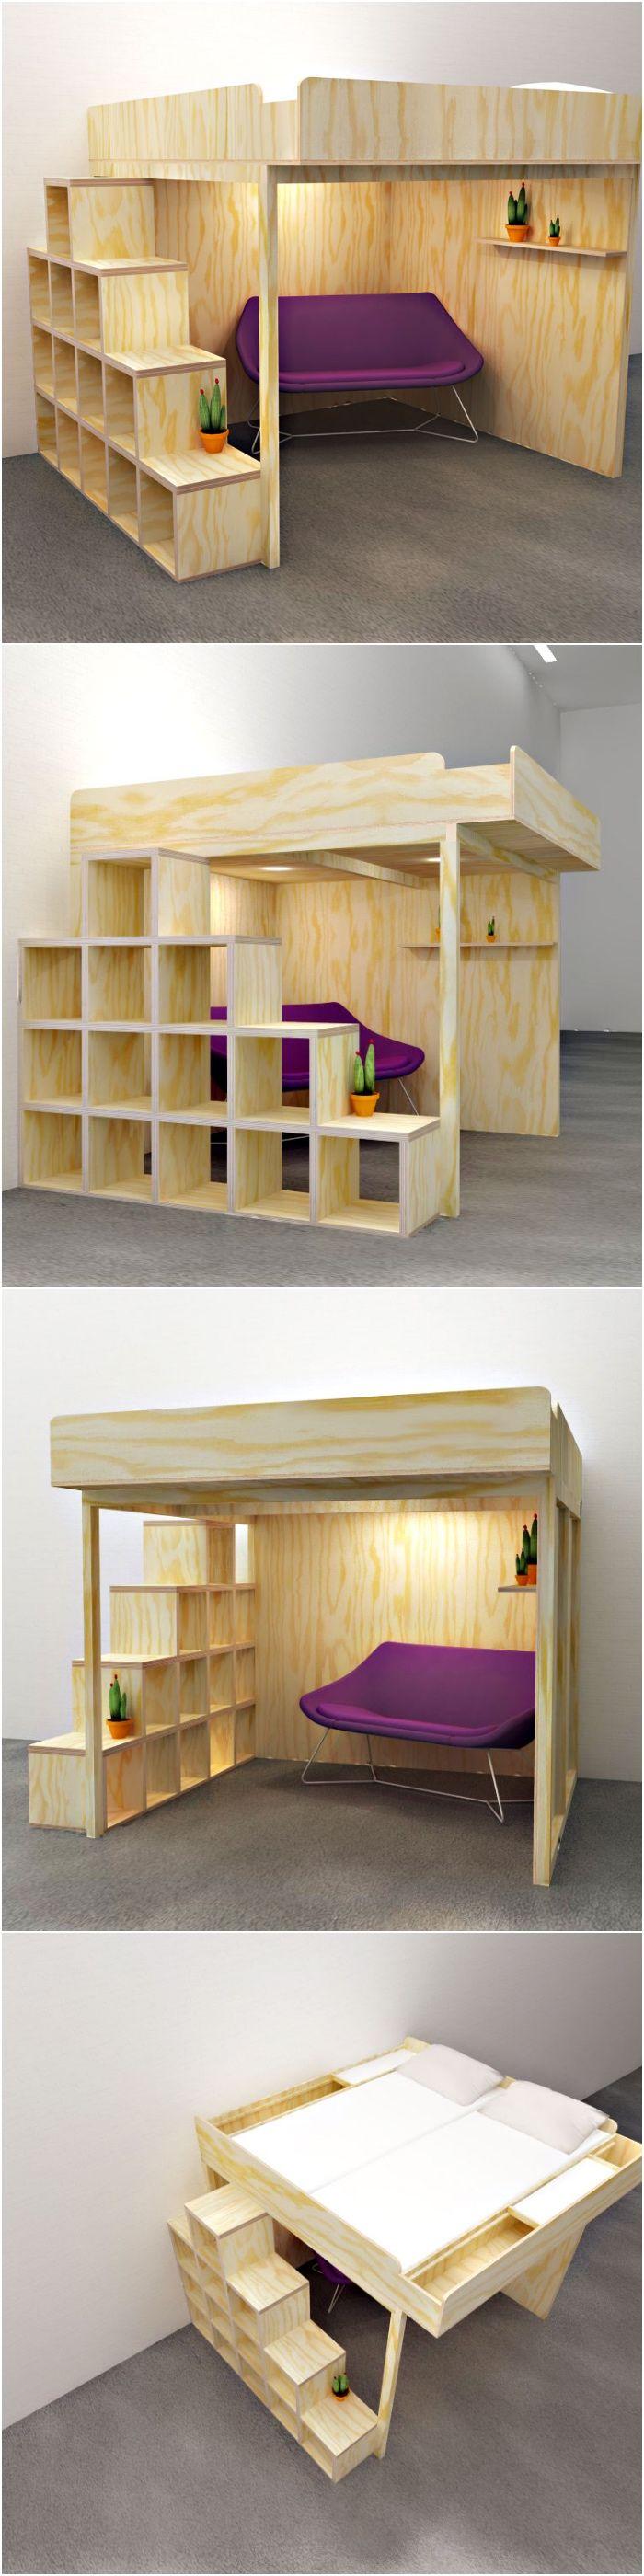 25 beste idee n over houten meubelen restaureren op pinterest geschilderde houten meubelen - Organiseren ruimte voor een extra ...